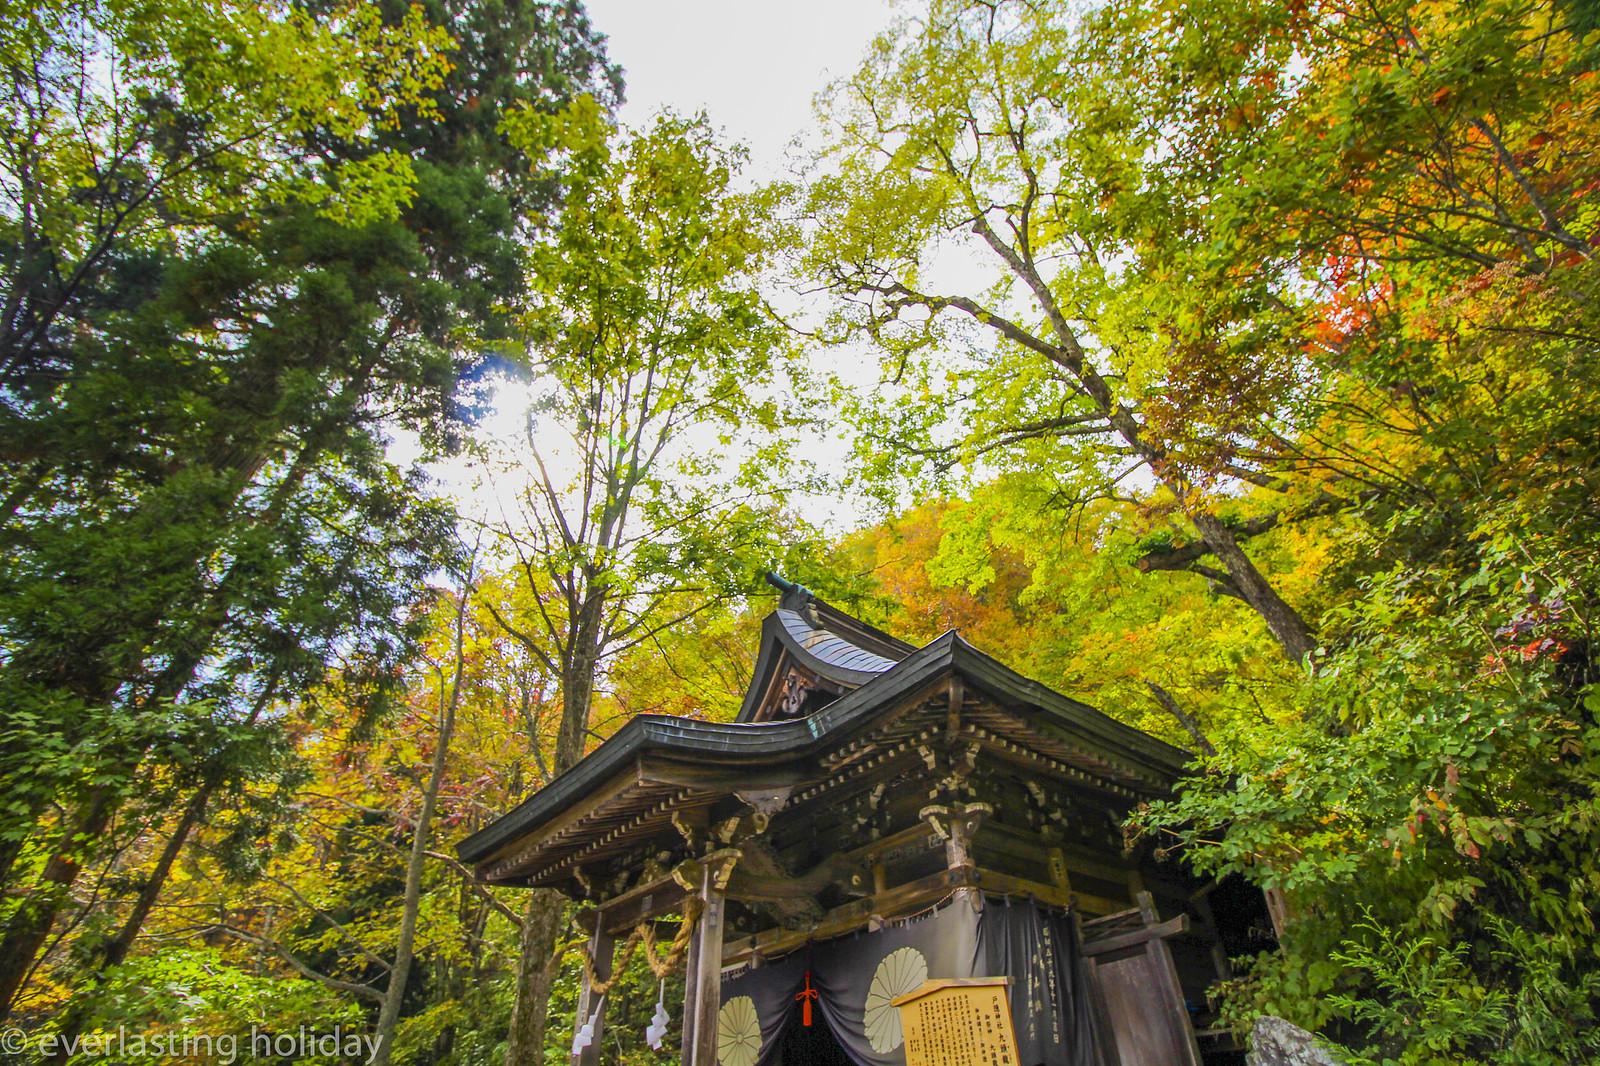 戸隠神社 Togakushi-jinja Shrine-0013